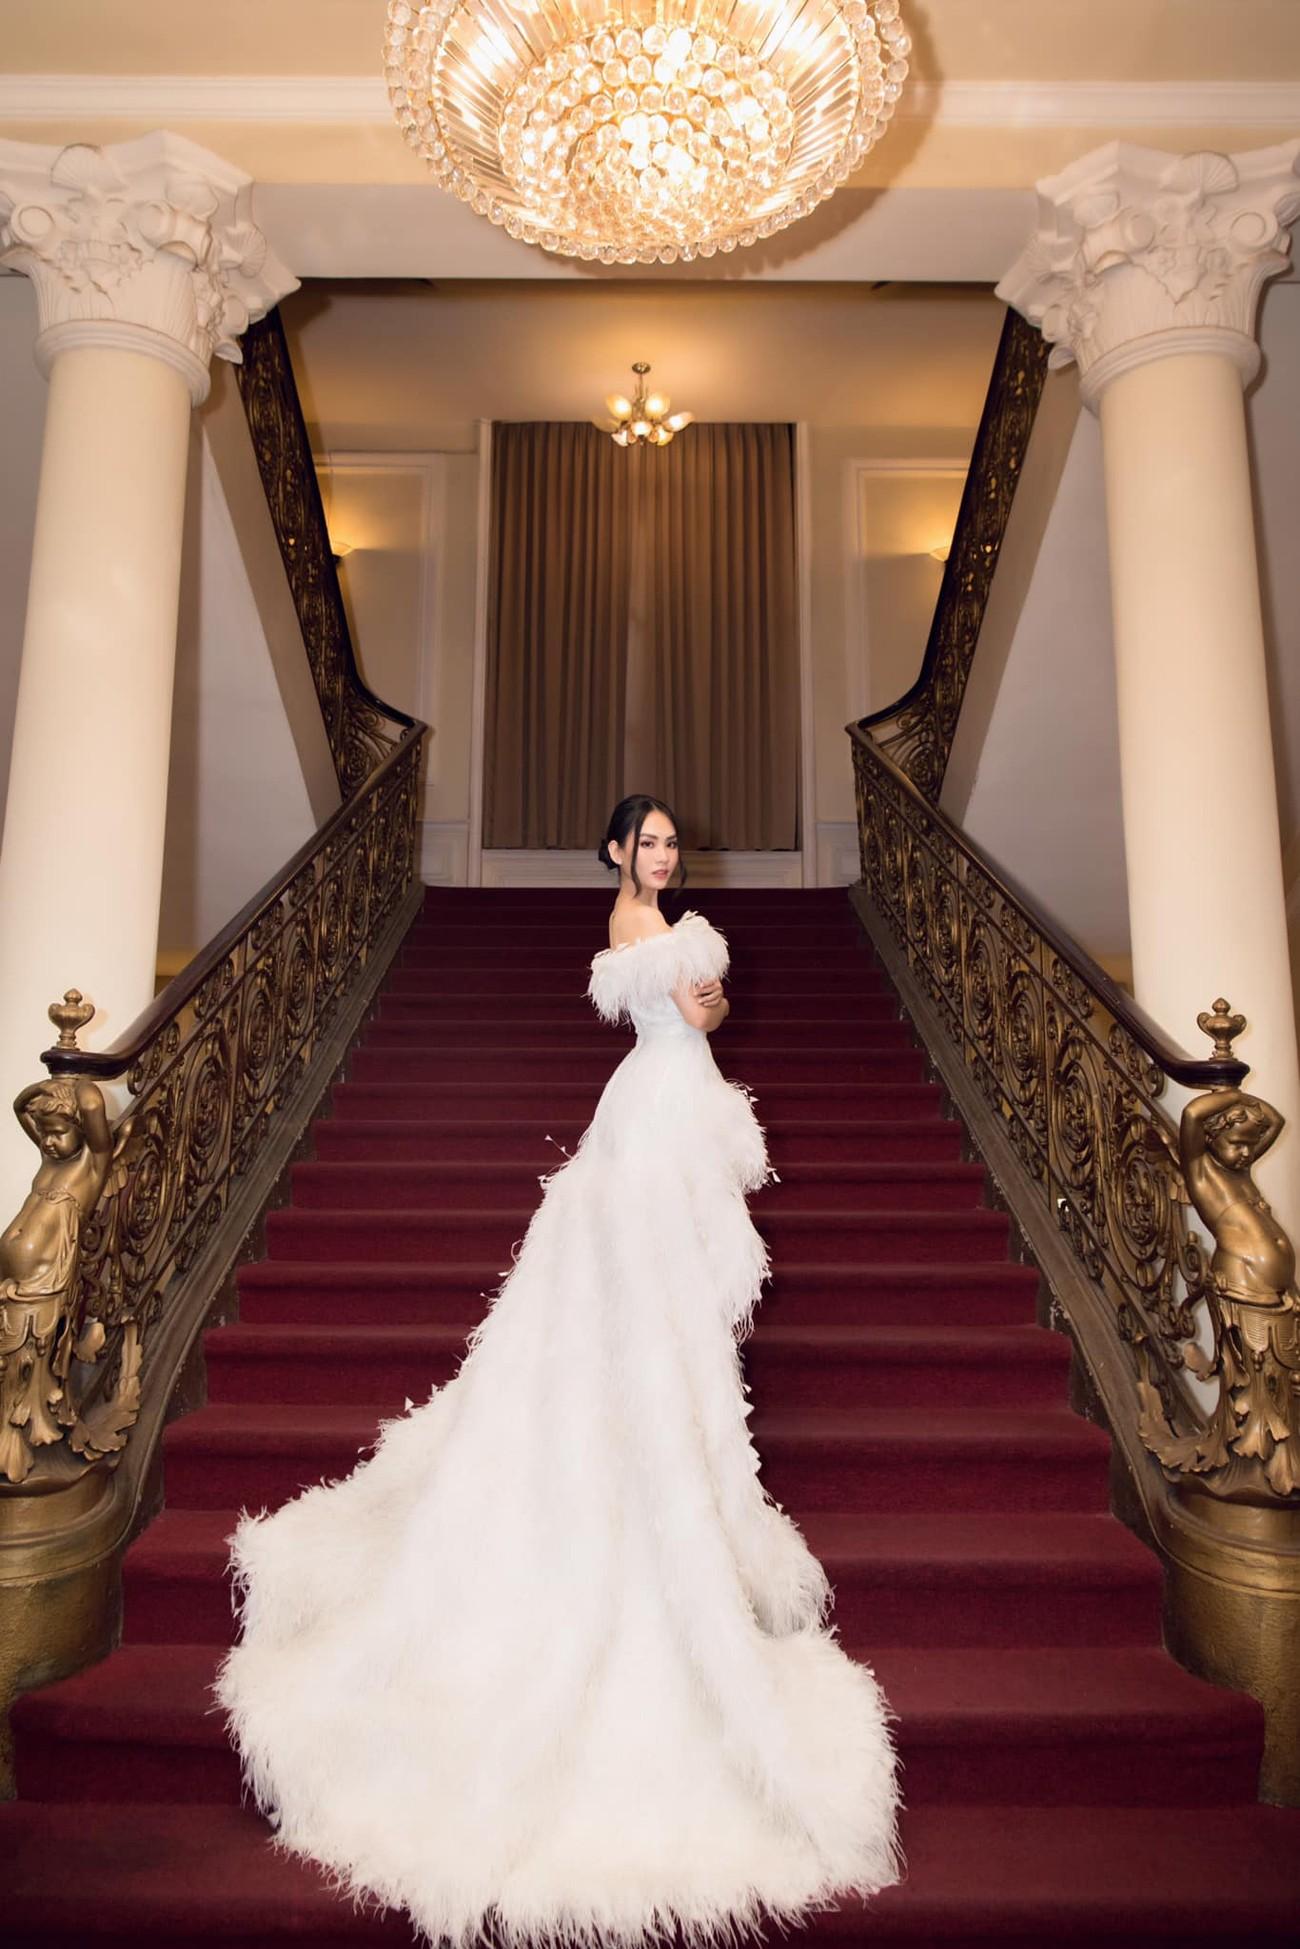 Diện váy cúp ngực gợi cảm, người đẹp Huỳnh Nguyễn Mai Phương hút hồn người nhìn ảnh 4